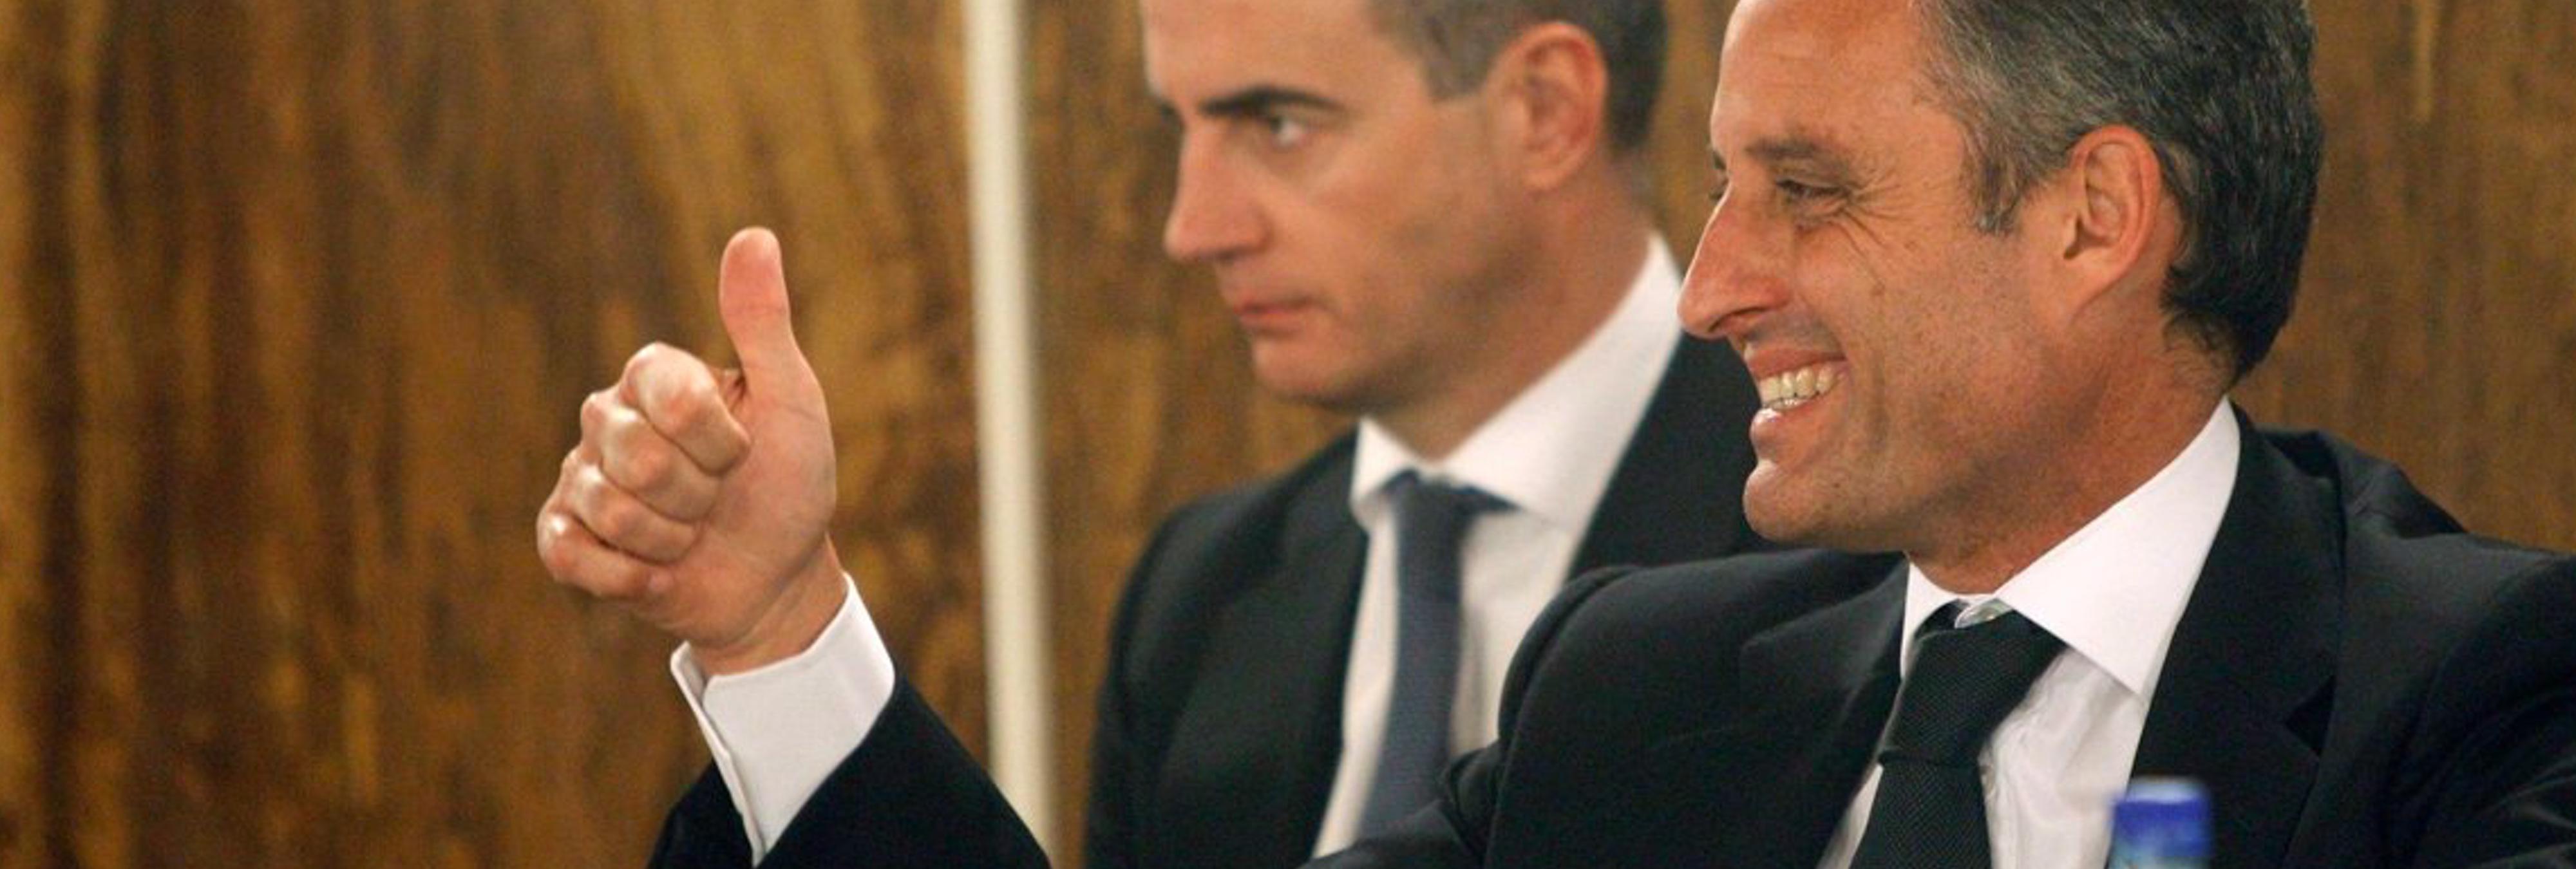 Los empresarios que financiaron ilegalmente al PP valenciano se marchan de rositas